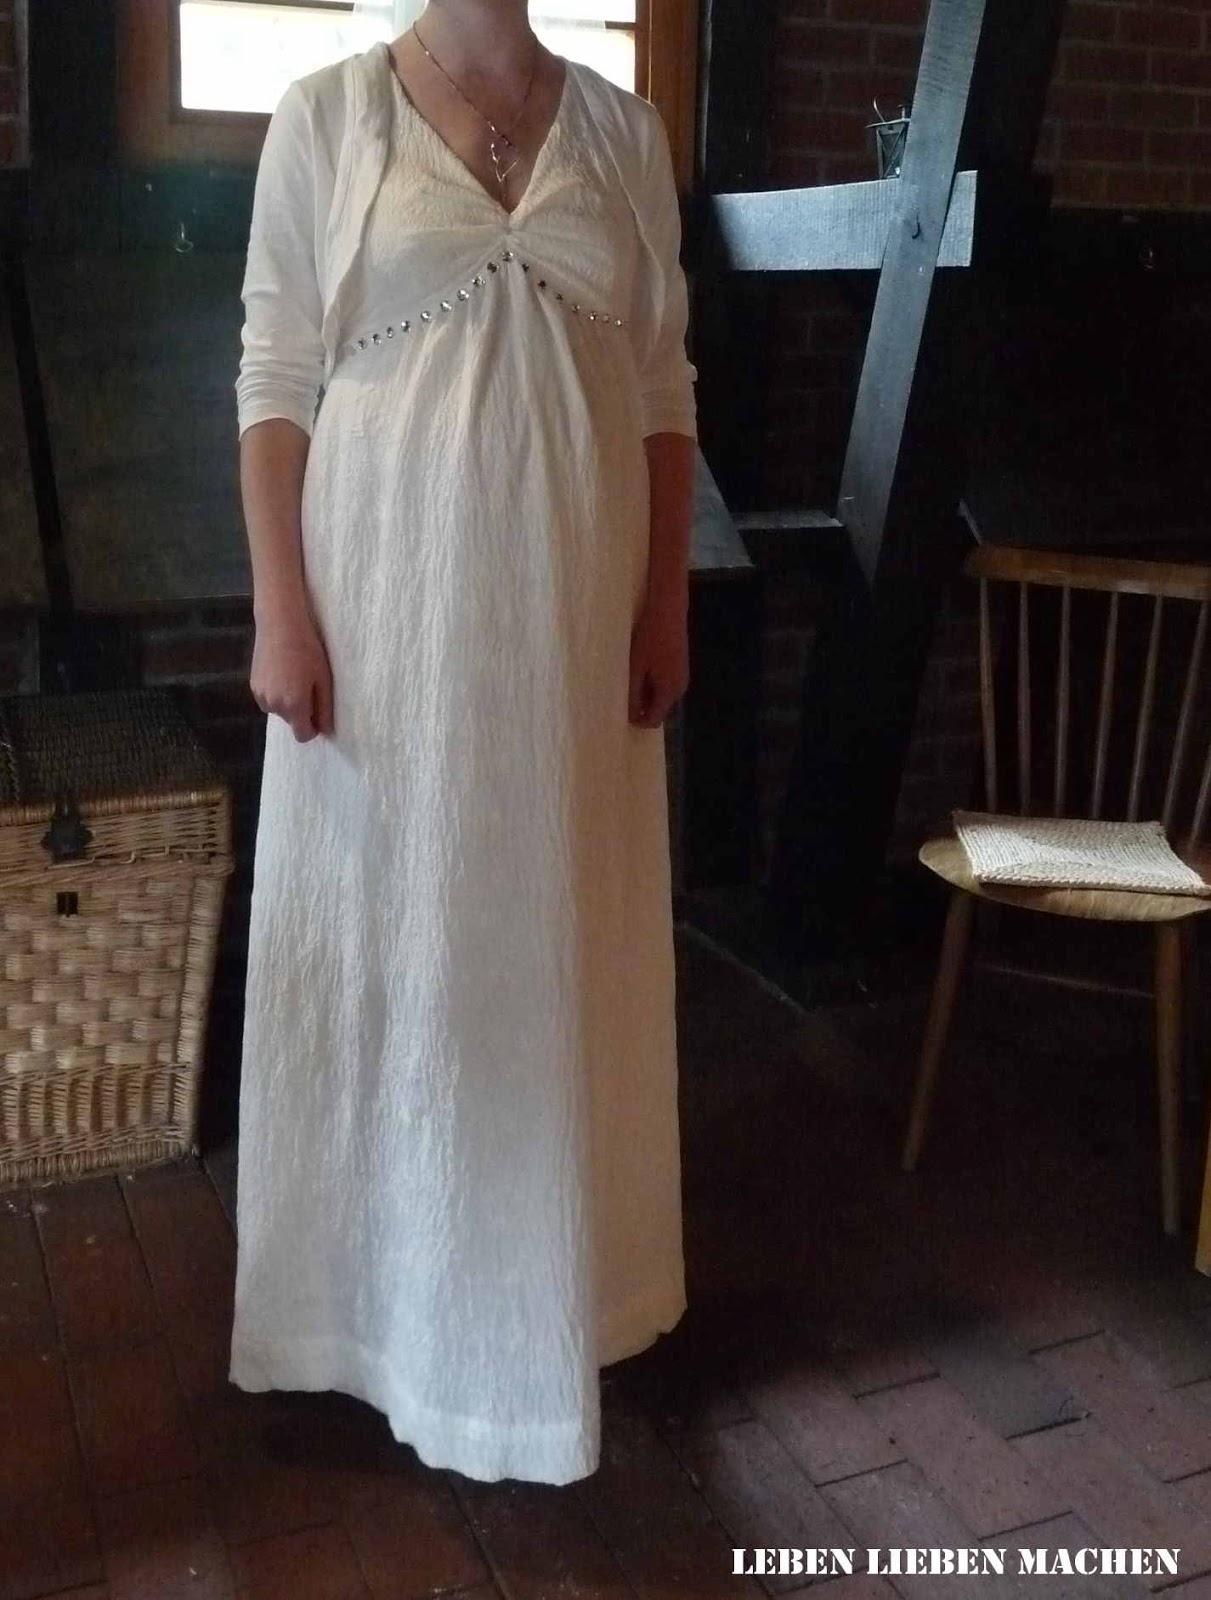 LEBEN LIEBEN MACHEN: Das Hochzeitskleid.